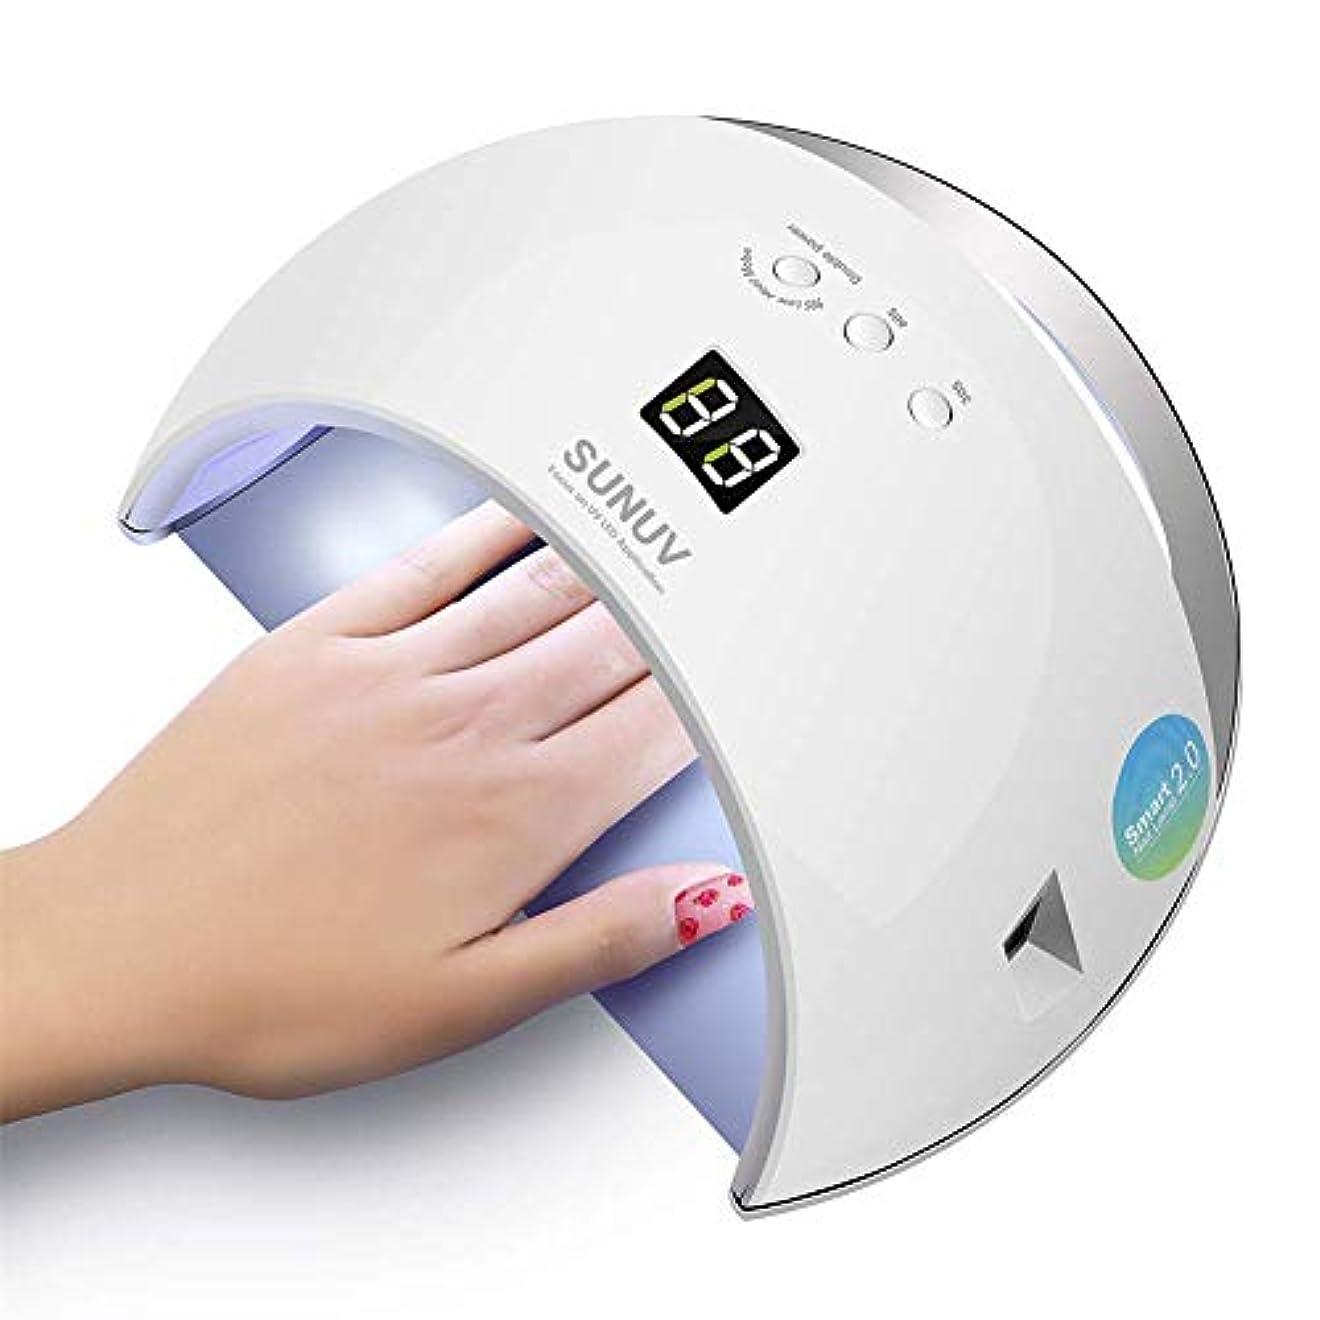 支払い拡大する会話型スマートランプネイルled uvランプドライヤーメタルボトム液晶タイマー硬化用UVジェルポリッシュネイルアートツール